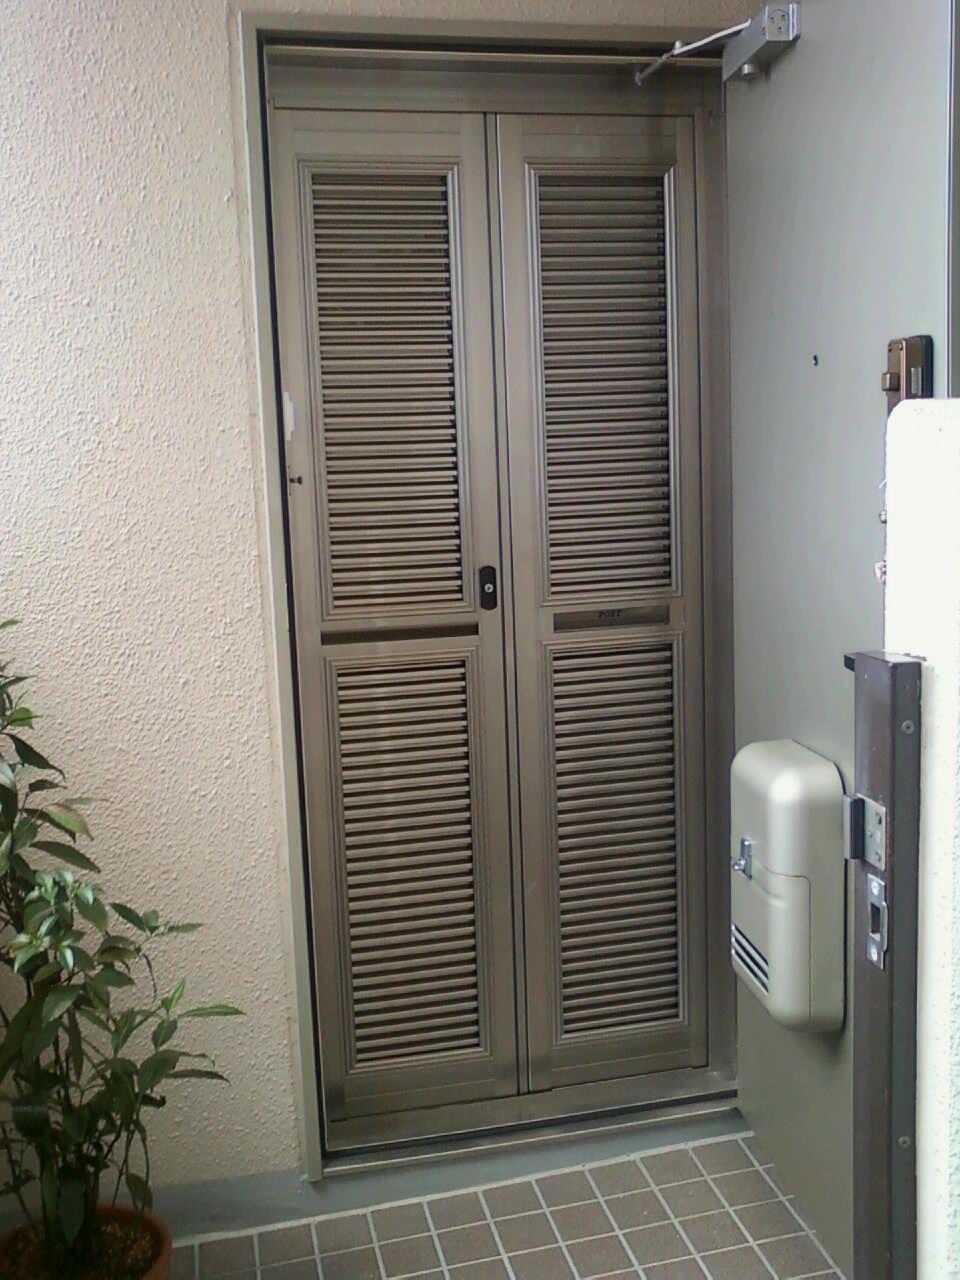 マンションの玄関ドア 通風網戸設置工事 八尾市 東大阪市 網戸 玄関網戸 マンション 玄関